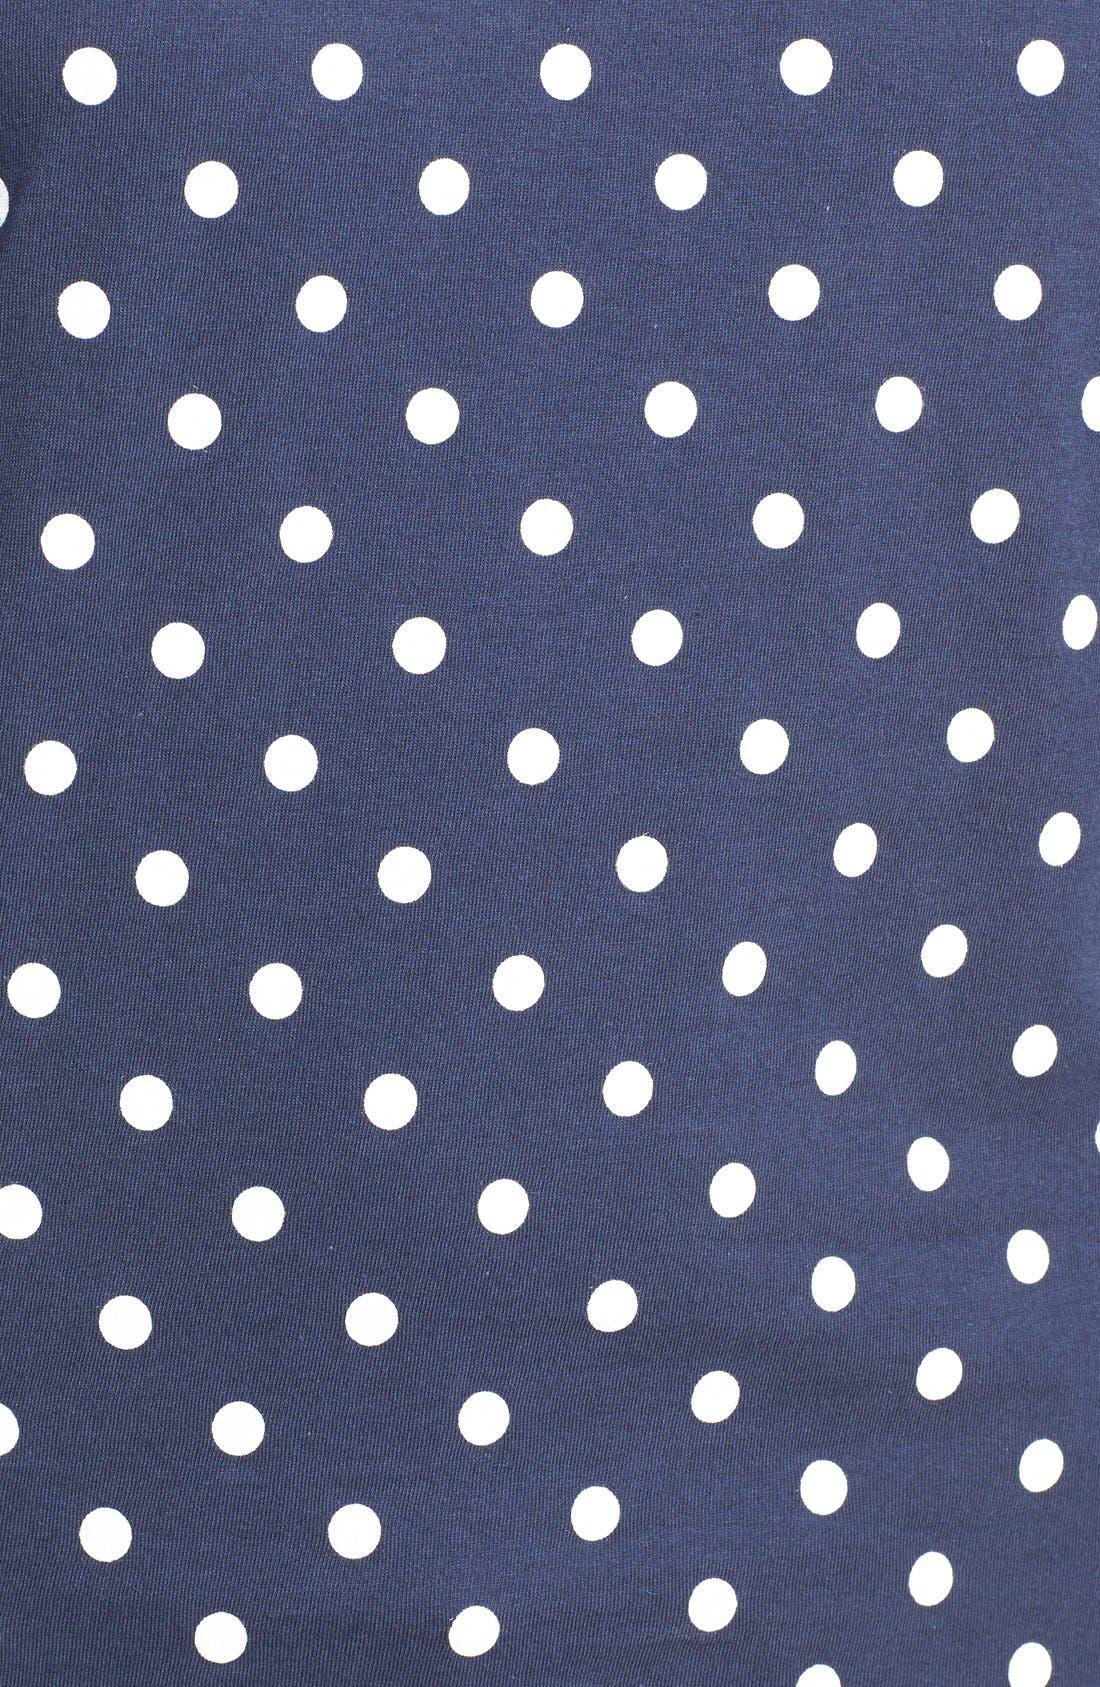 Polka Dot Tee,                             Alternate thumbnail 2, color,                             NAVY/ WHITE